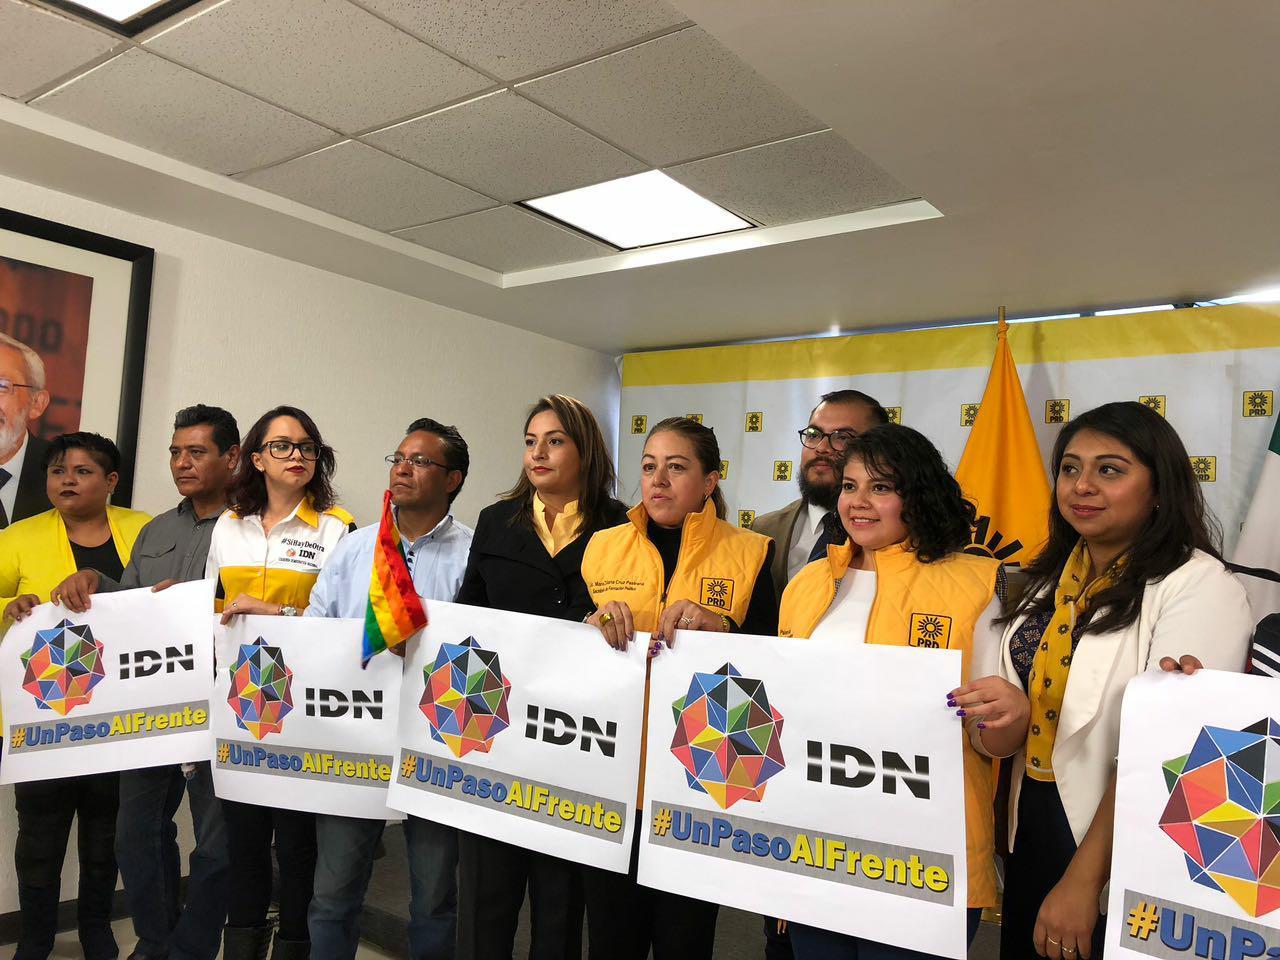 Miembros de IDN desconocen liderazgo de Alejandro Camacho y René Bejarano